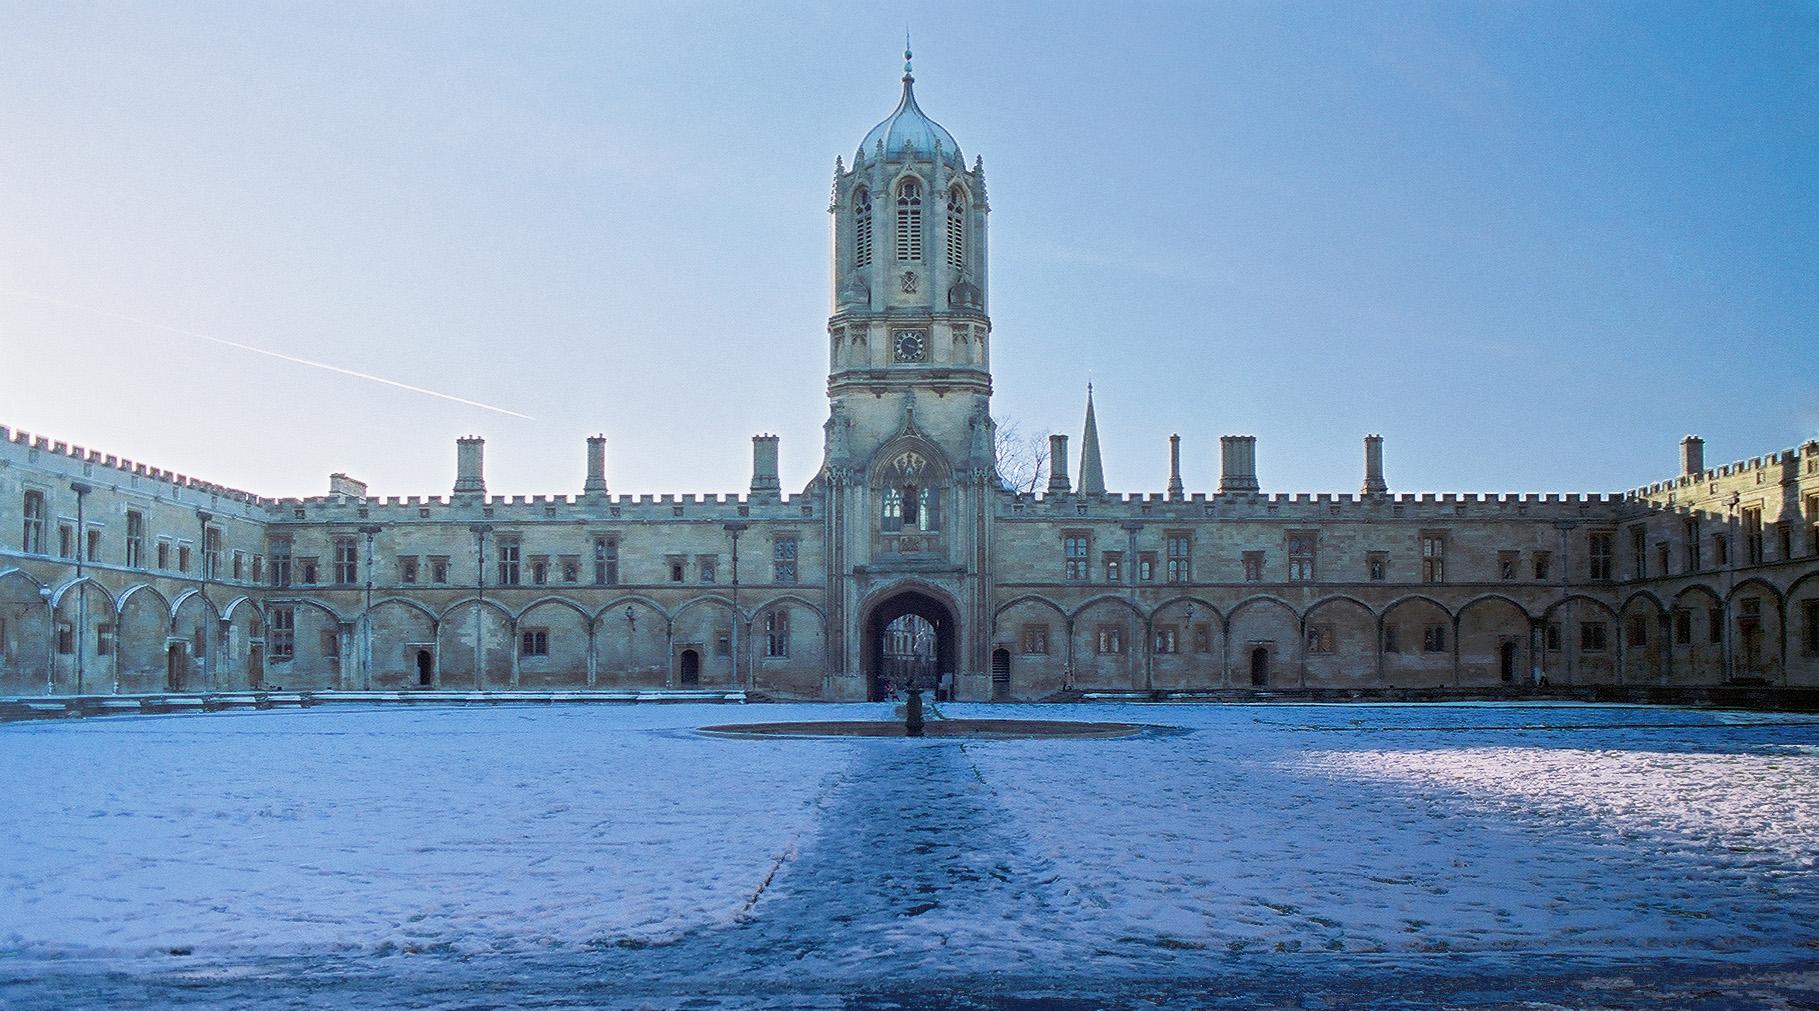 Vaga na Universidade de Oxford